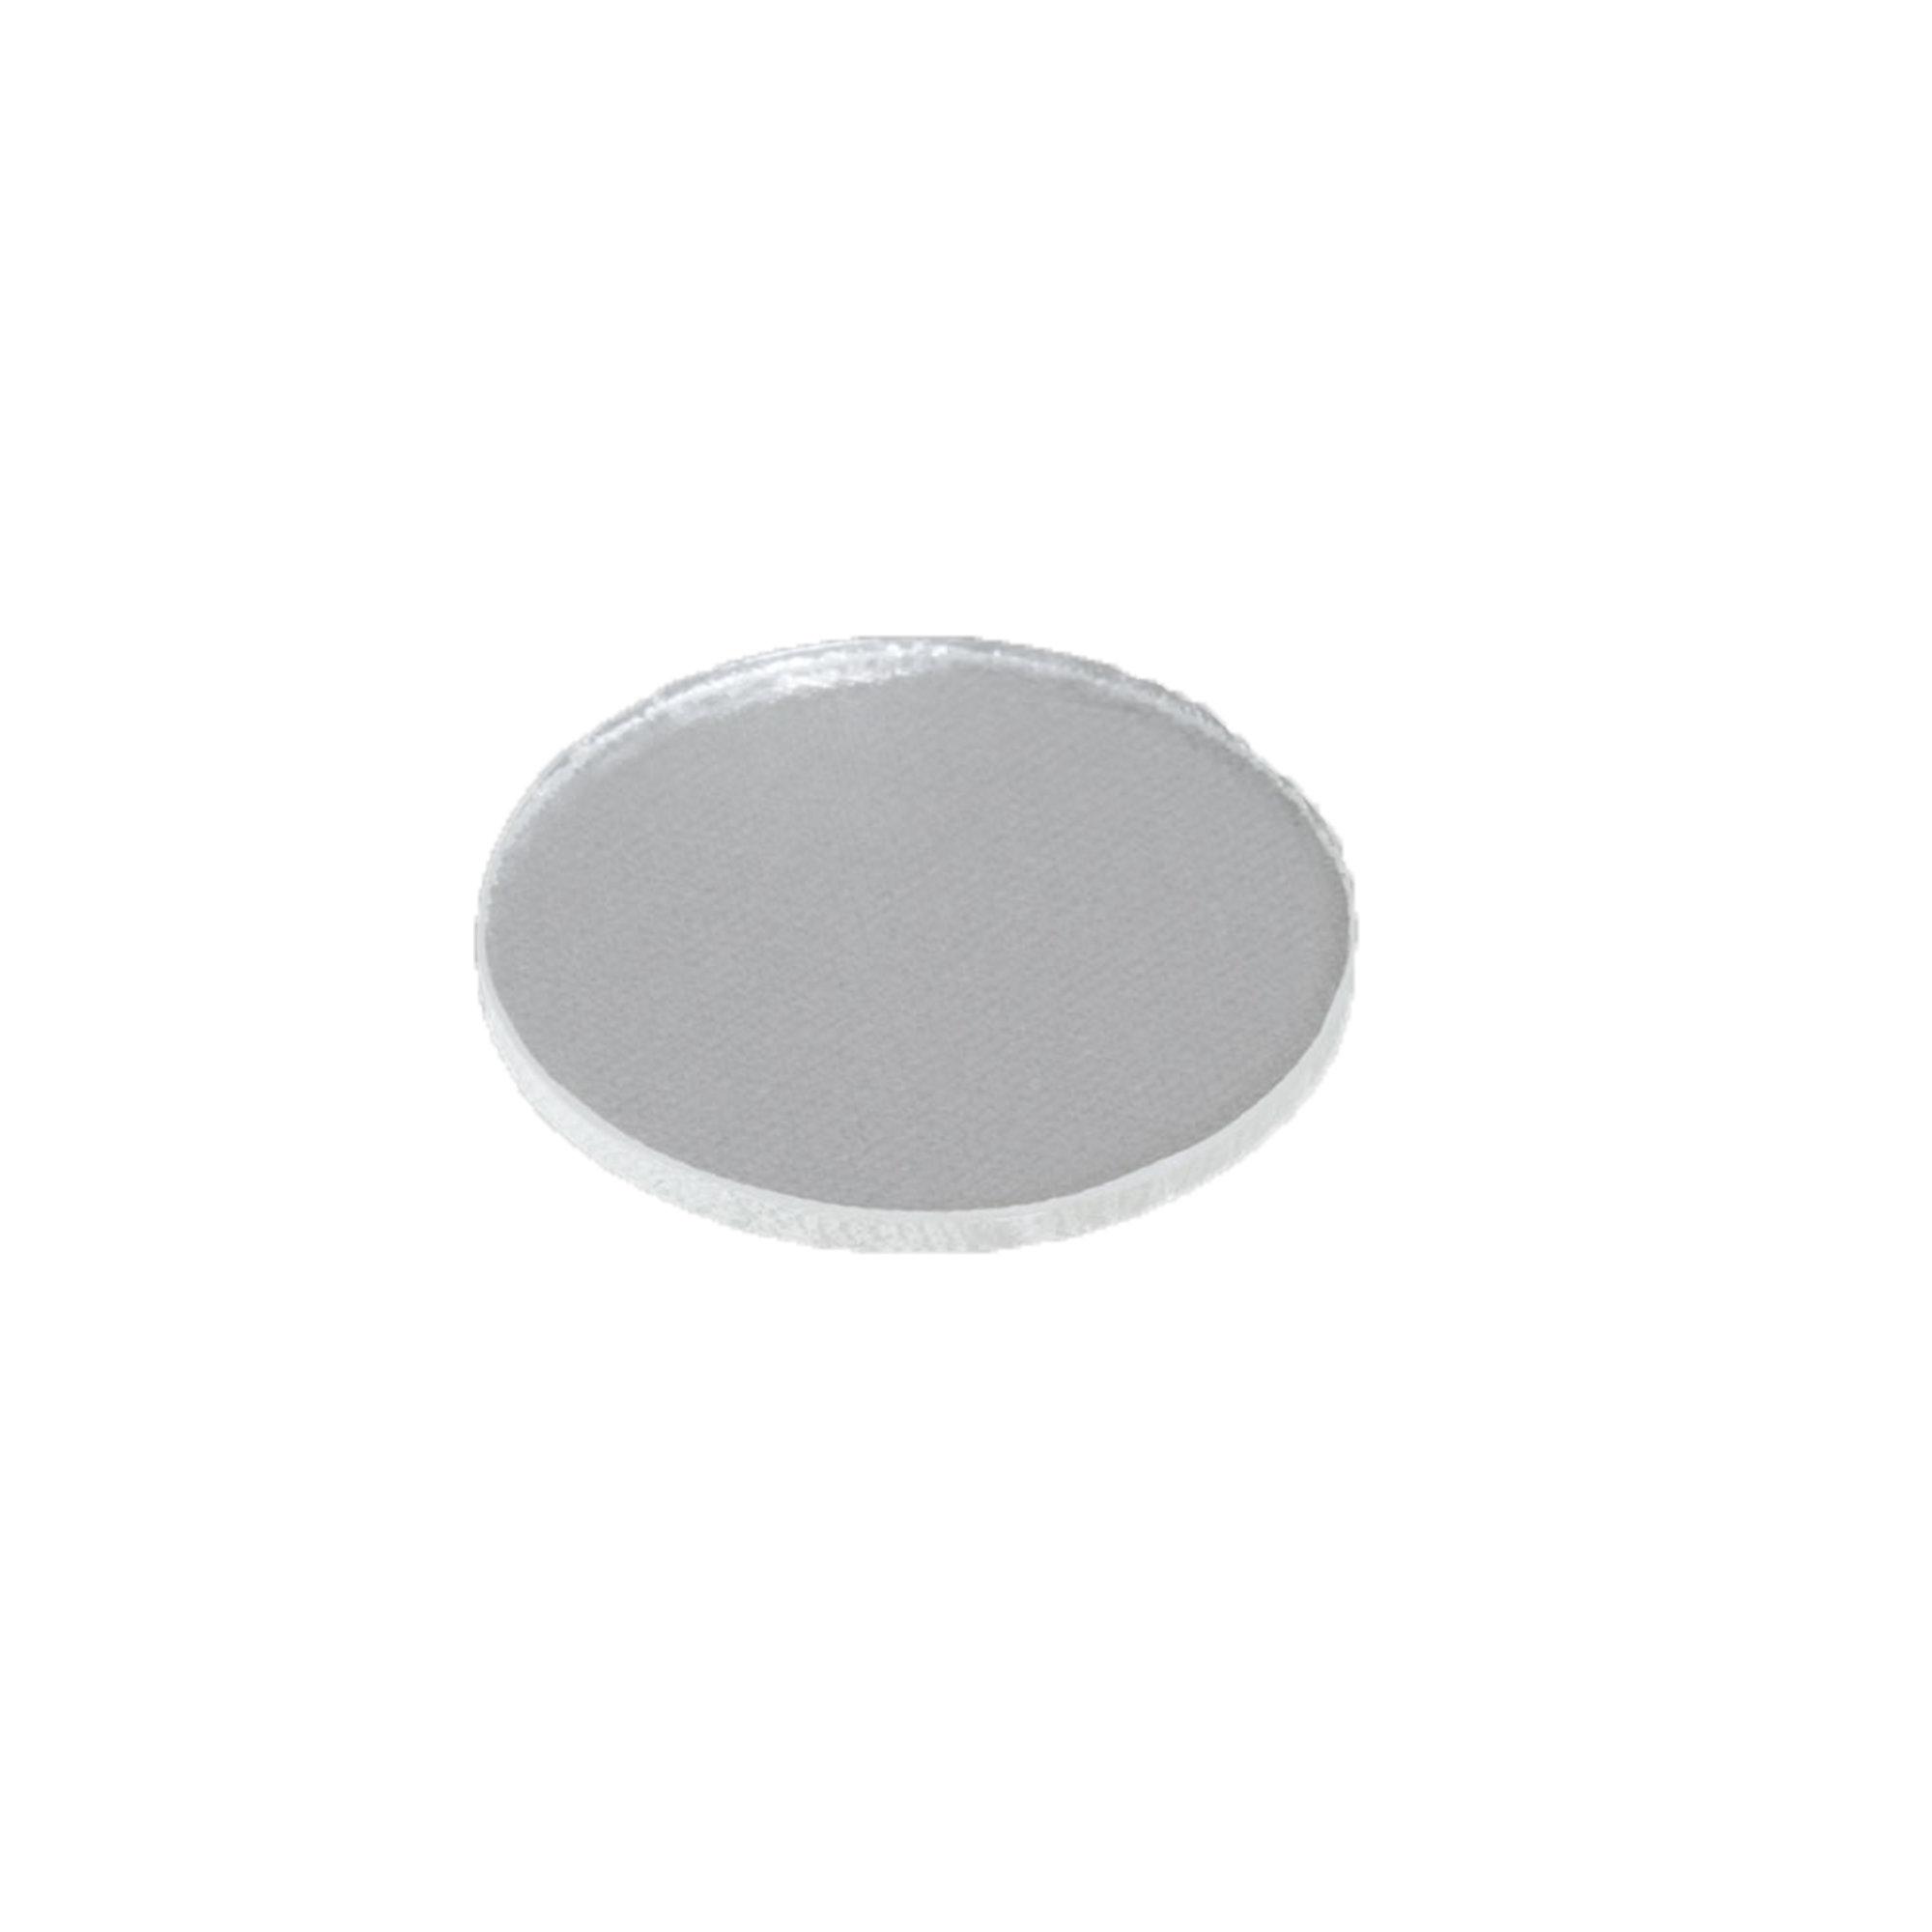 Vorsa 50 High Transmission Softening Lens Ø51.5mm